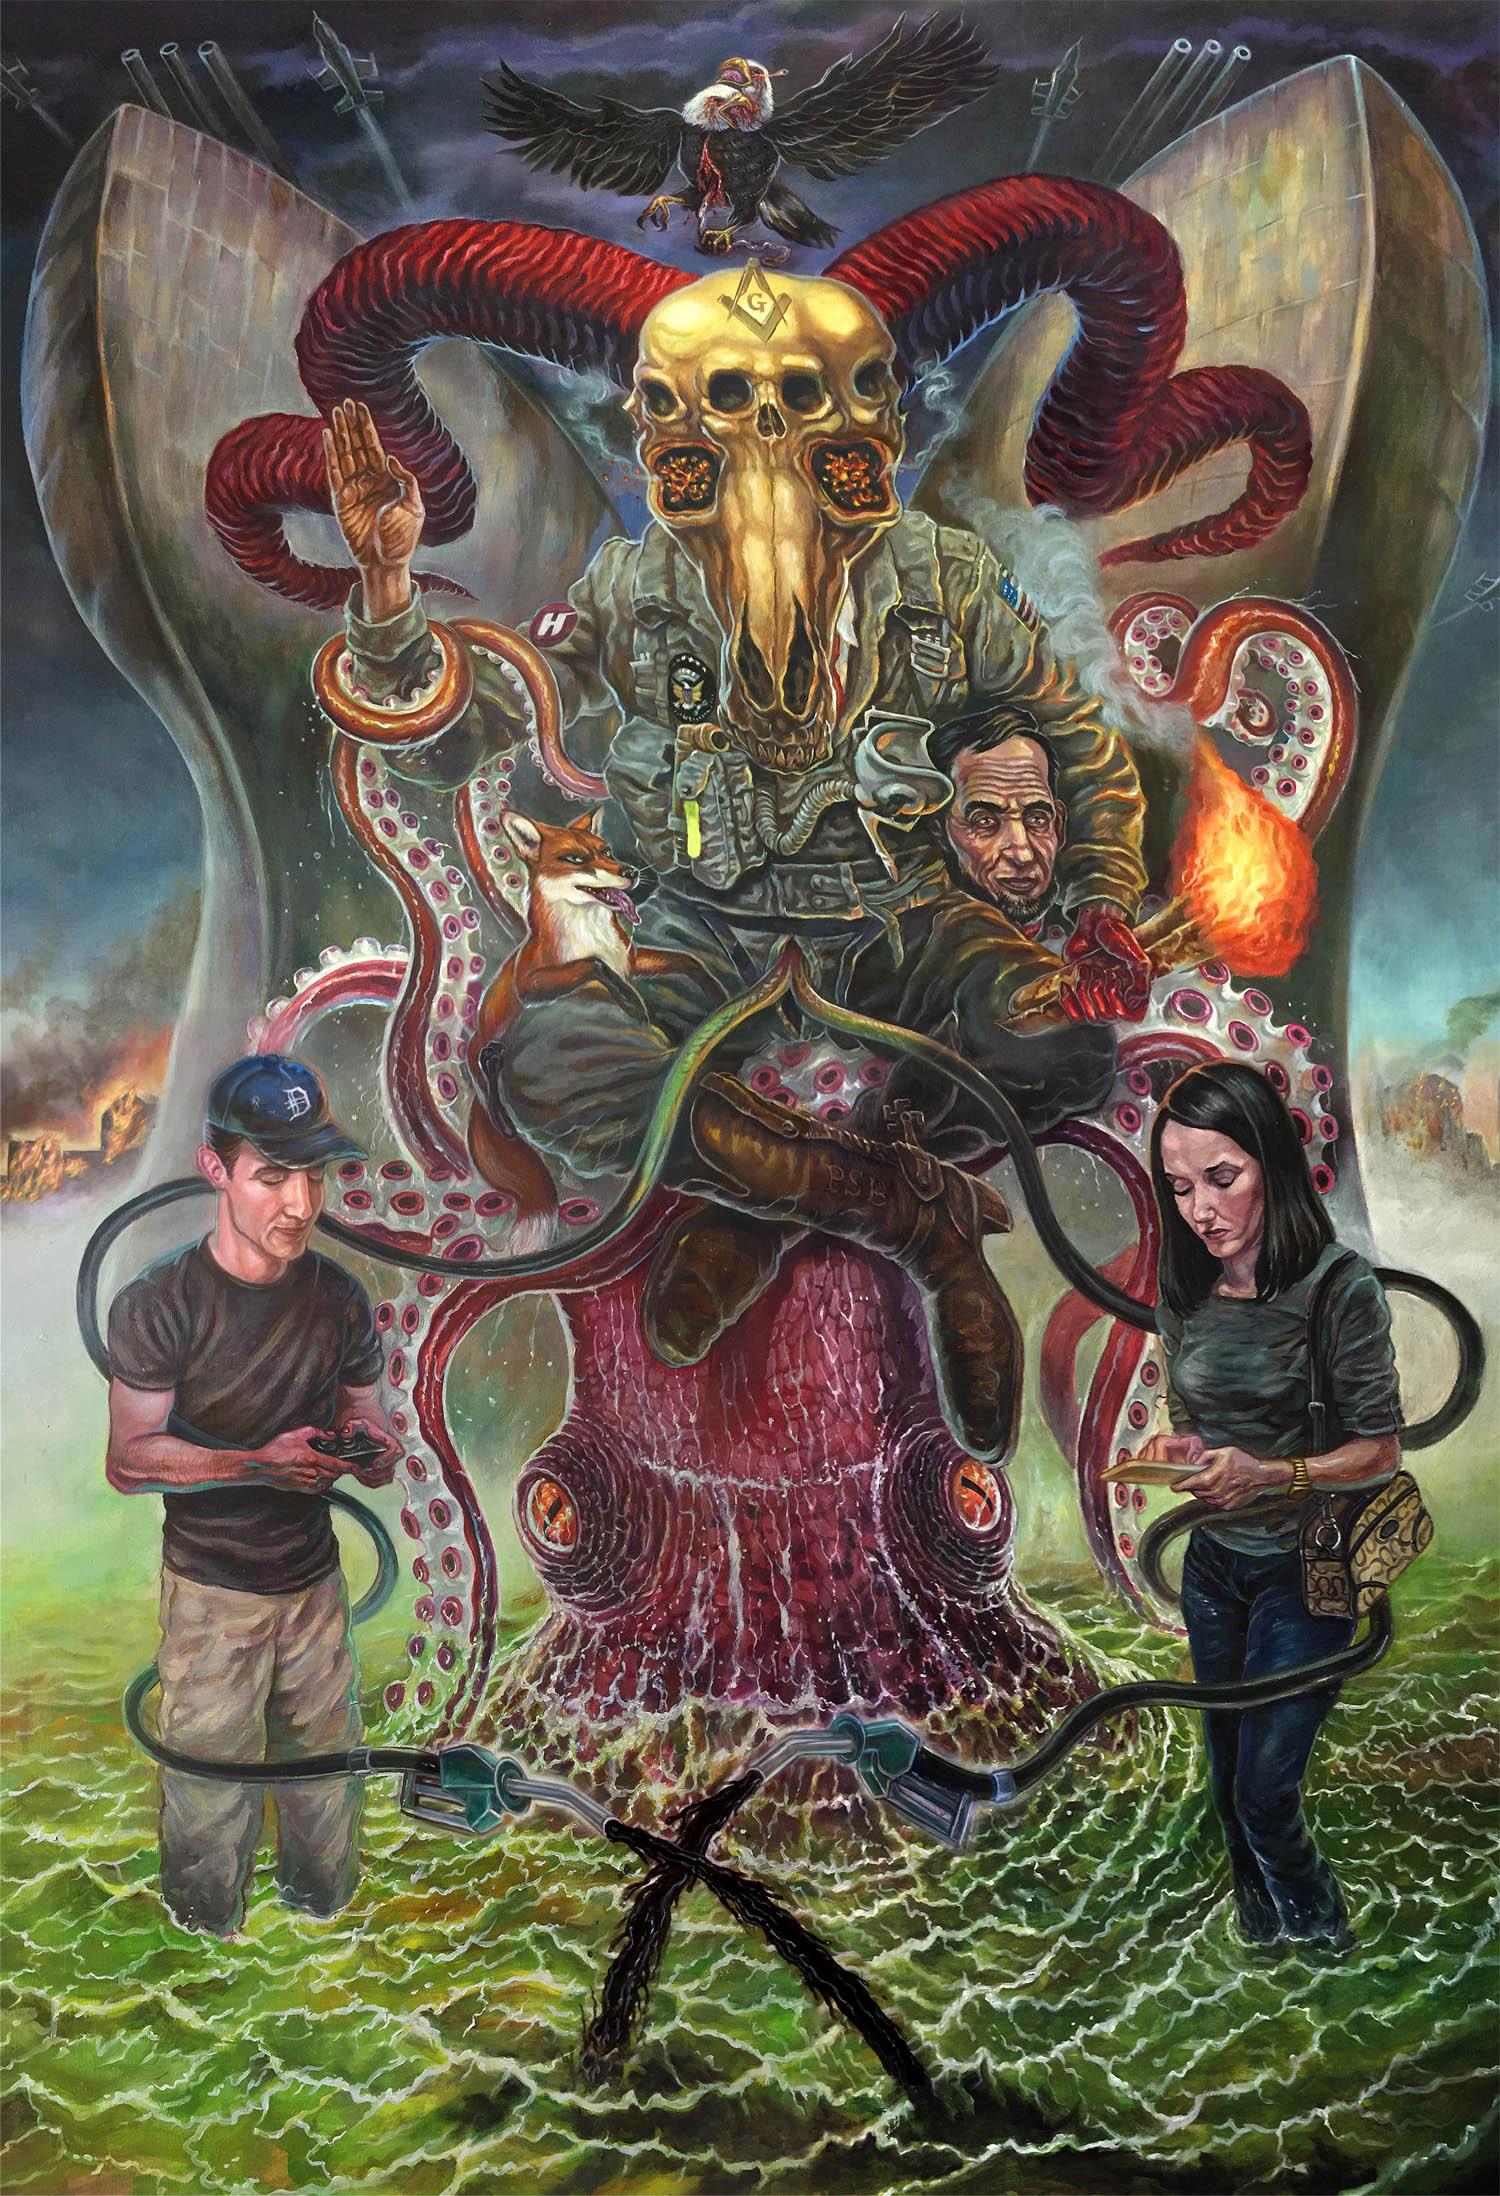 David Van Gough - The Devil